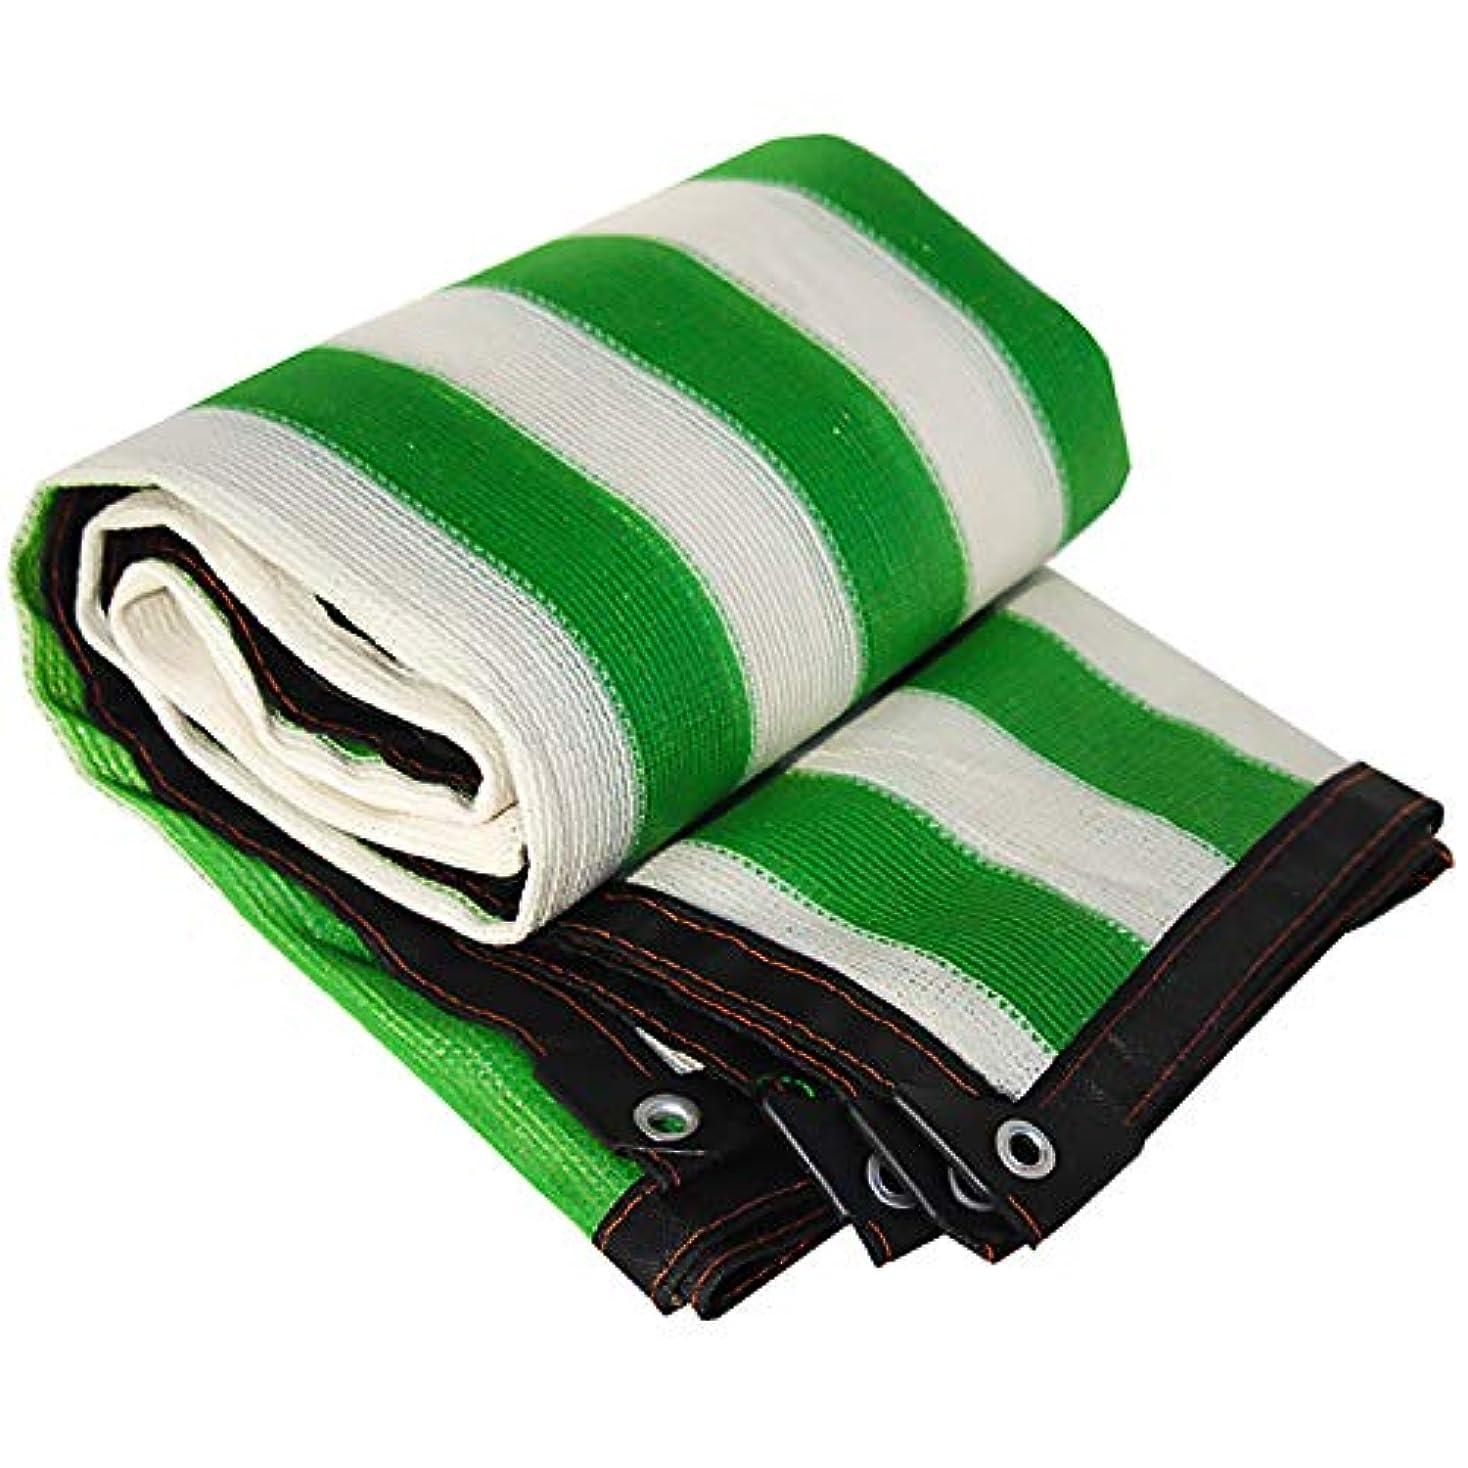 公しょっぱい頑張るサンシェード?シェルター 植物の日陰の布のパーゴラカバーグロメット/防風花パティオ芝生とグリーン&ホワイト90%シェード生地 (Color : Stripe, Size : 19.8x33ft/6x10m)